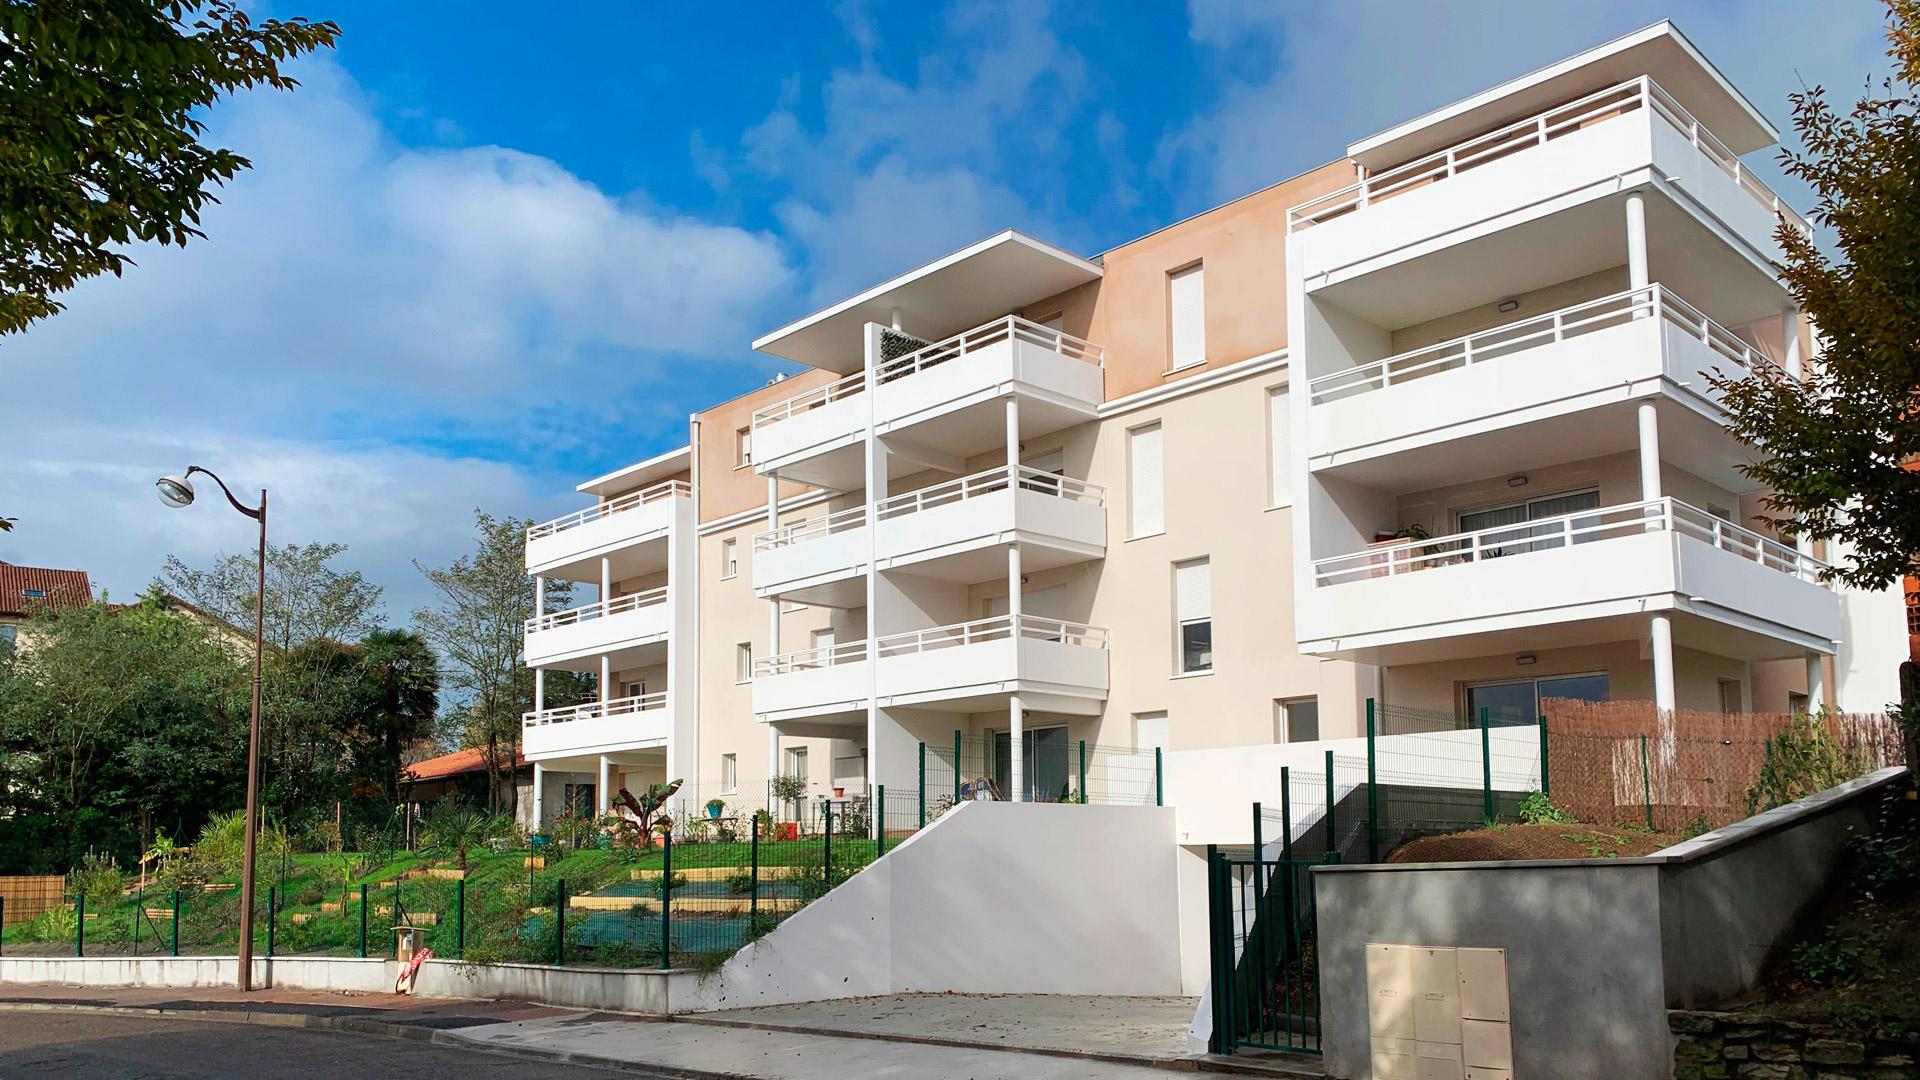 Résidence Iparla à St Paul-Lès Dax - SAGIM Immobilier